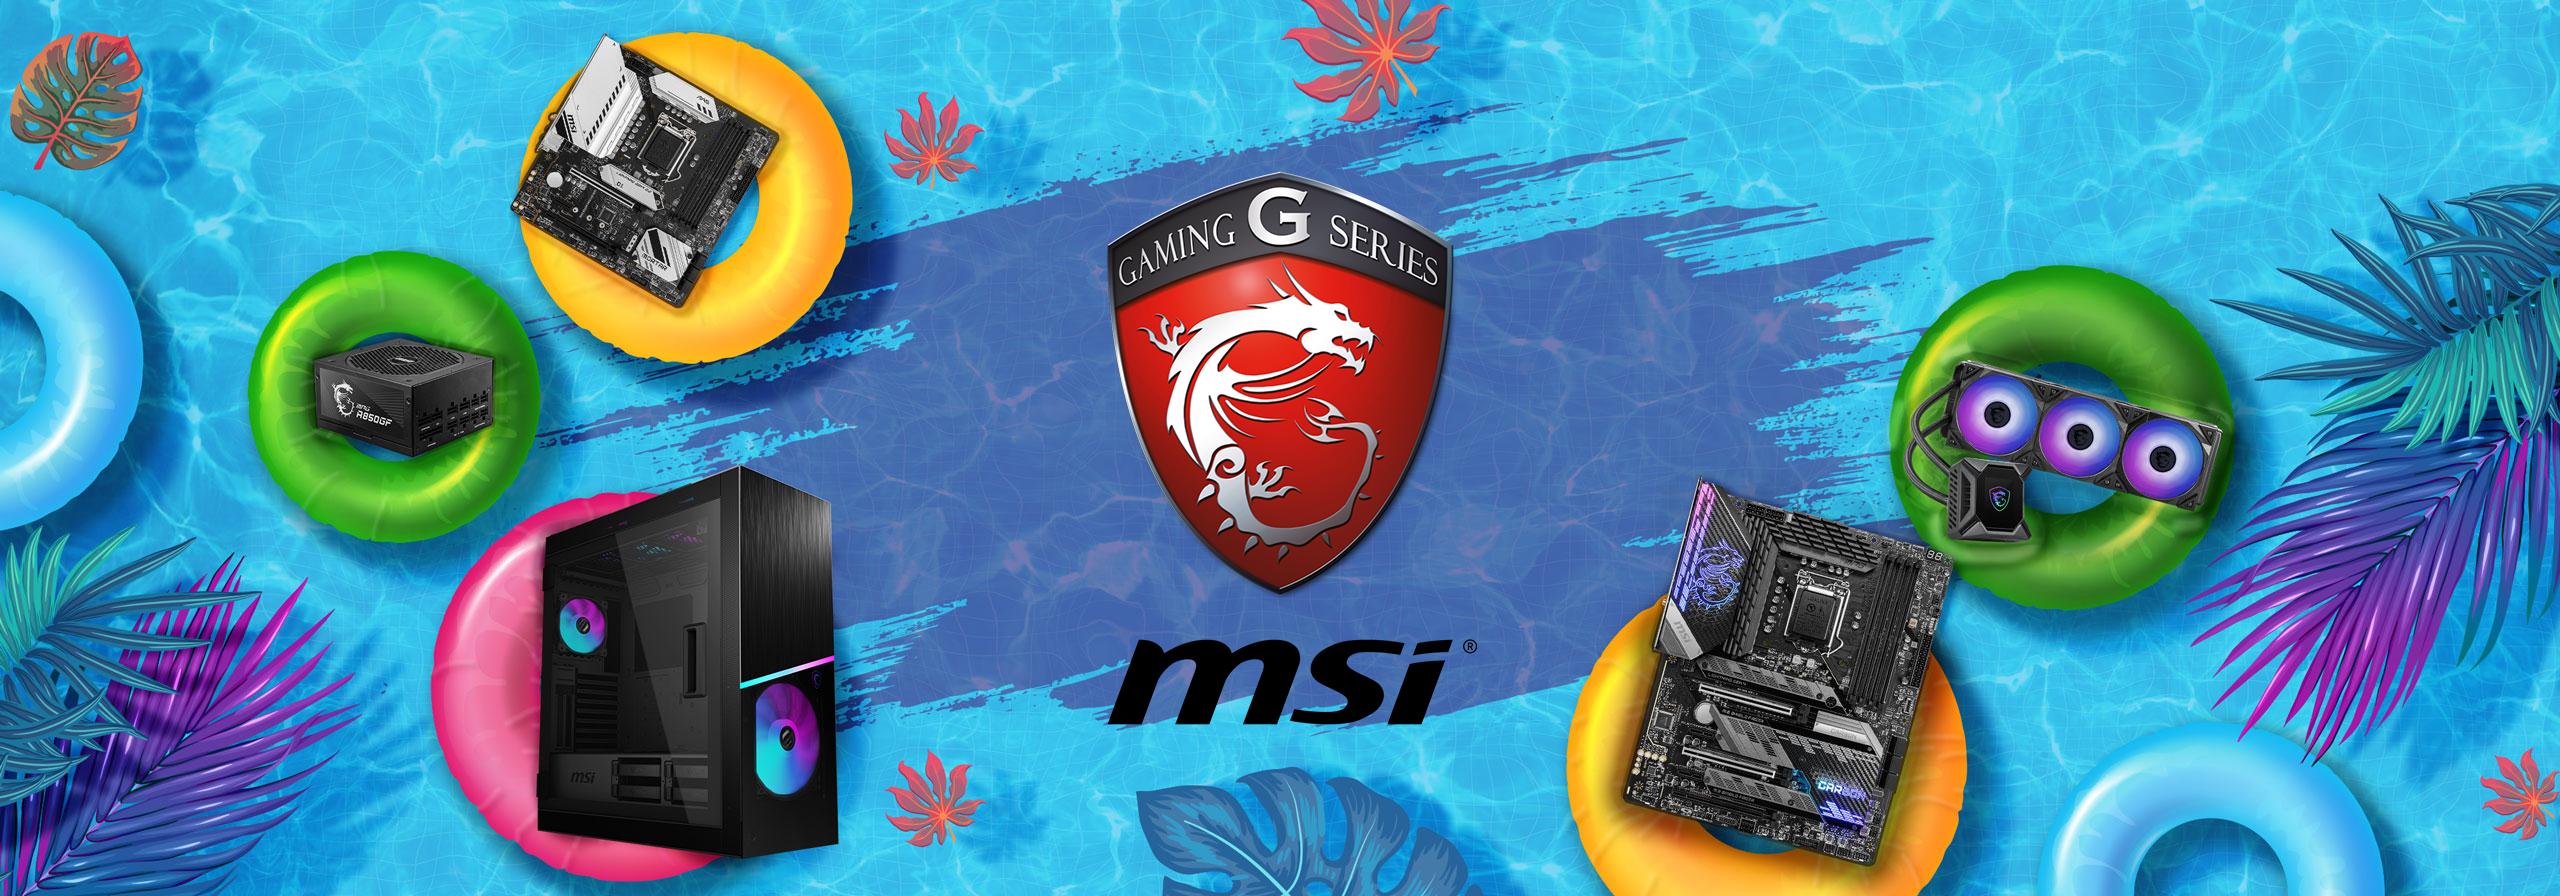 Promozione MSI GosuMania sconti e Offerte Amazon Ebay